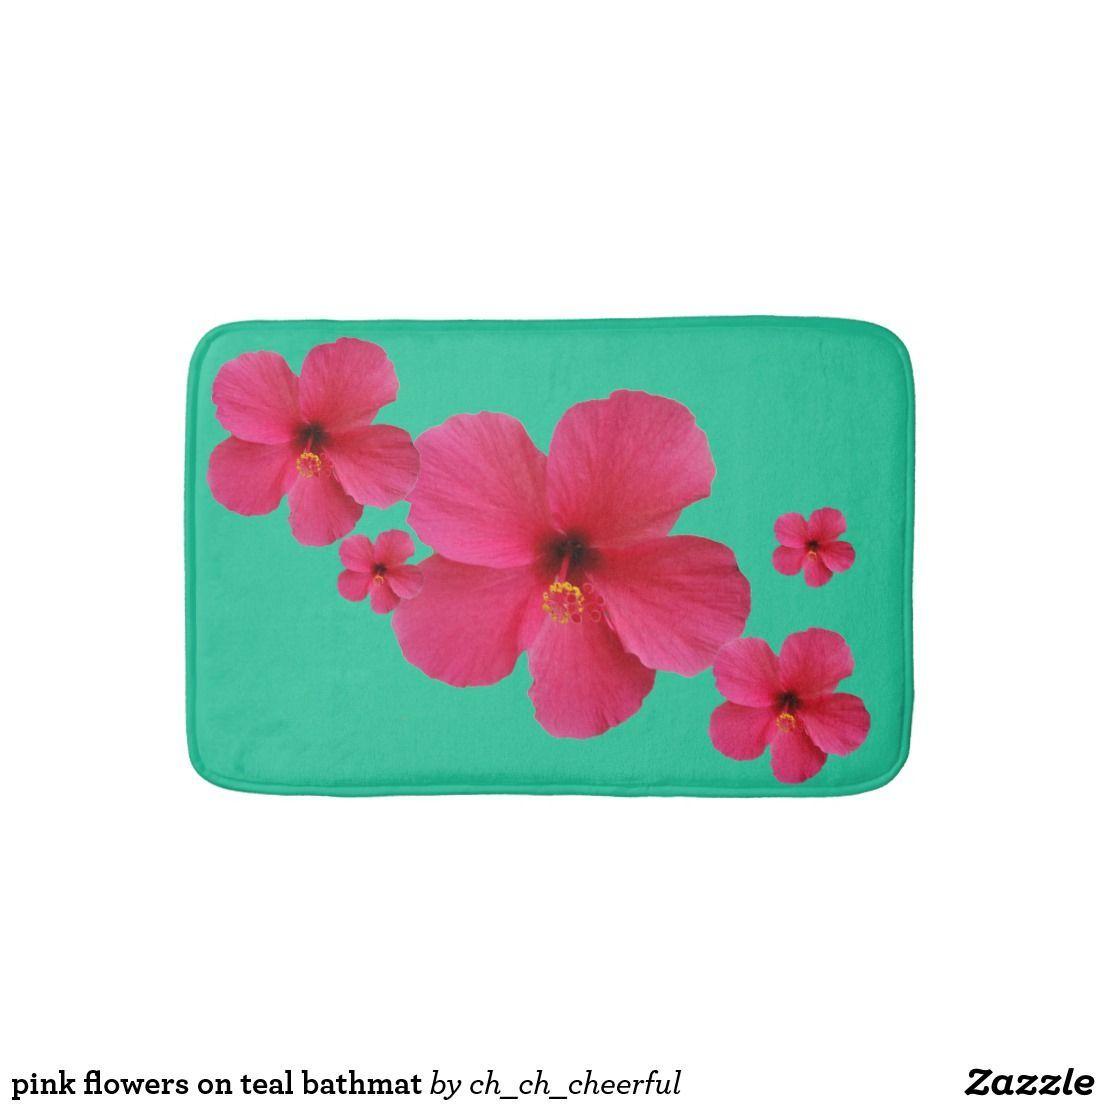 pink flowers on teal bathmat   Zazzle.com#bathmat #flowers #pink #teal #zazzlecom